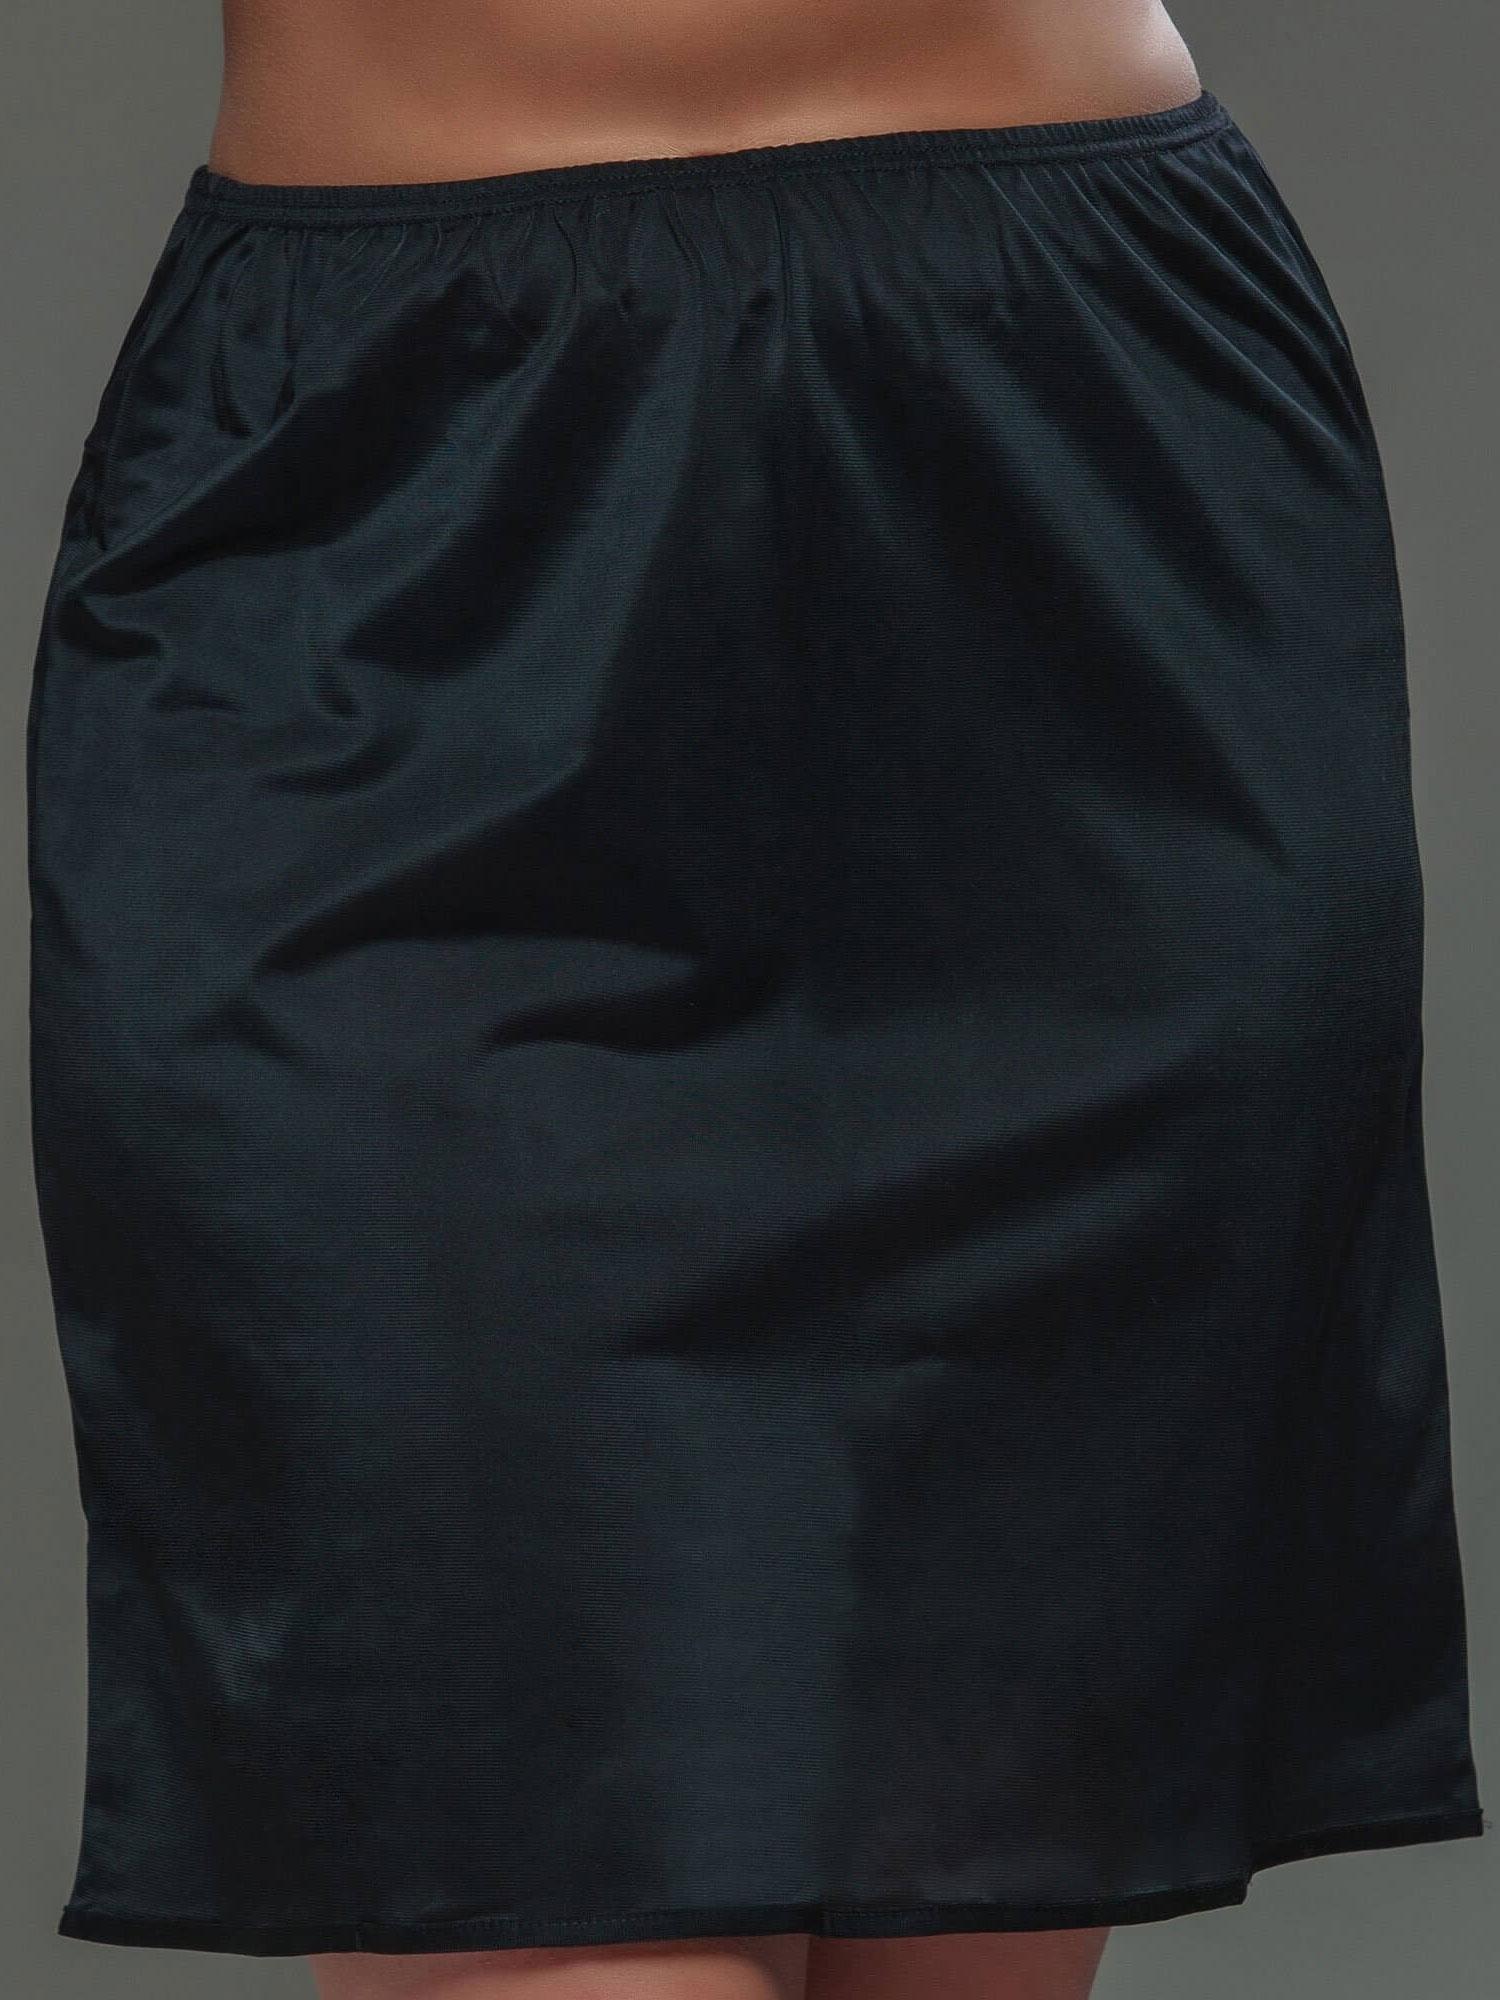 Plaisir Kort sort underskørt i store størrelser, 40 / S